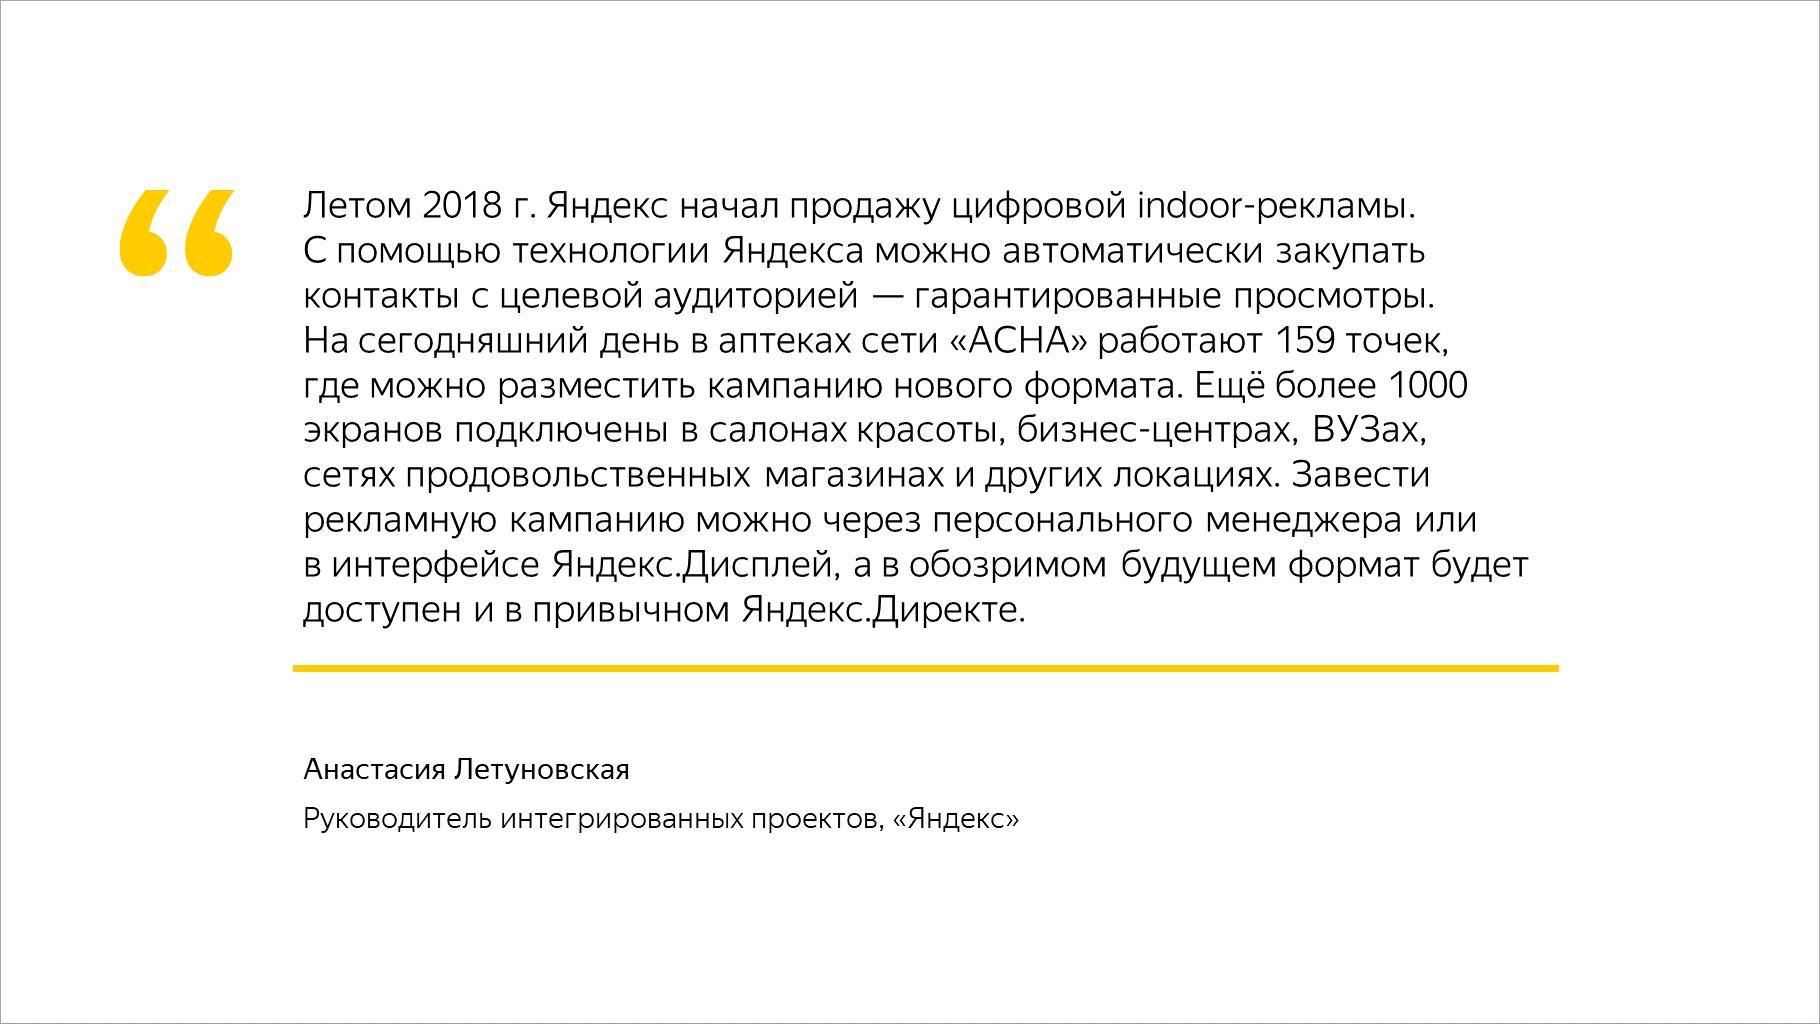 С помощью технологии Яндекса можно автоматически закупать контакты с целевой аудиторией — гарантированные просмотры